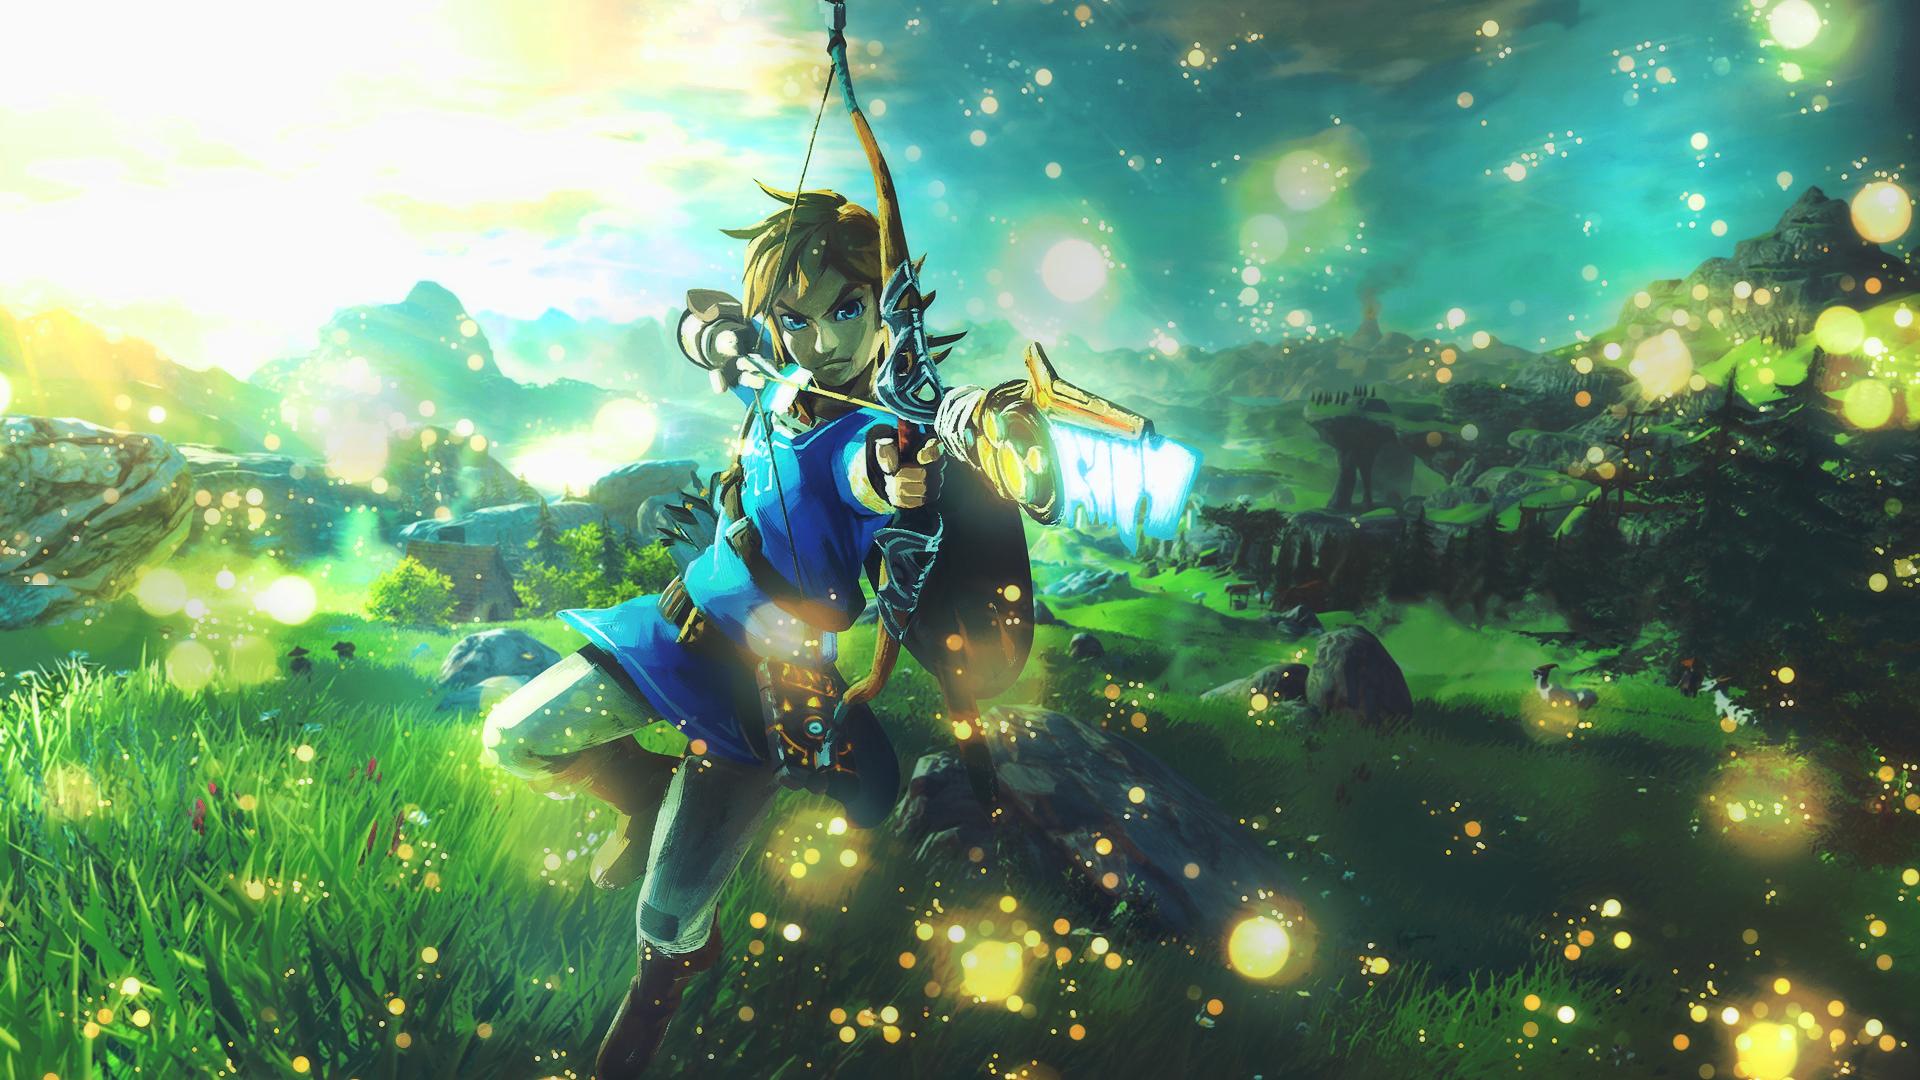 Legend Of Zelda Breath Of The Wild Wallpaper 1920x1080: Zelda: Breath Of The Wild [Wallpaper] By YataMirror On